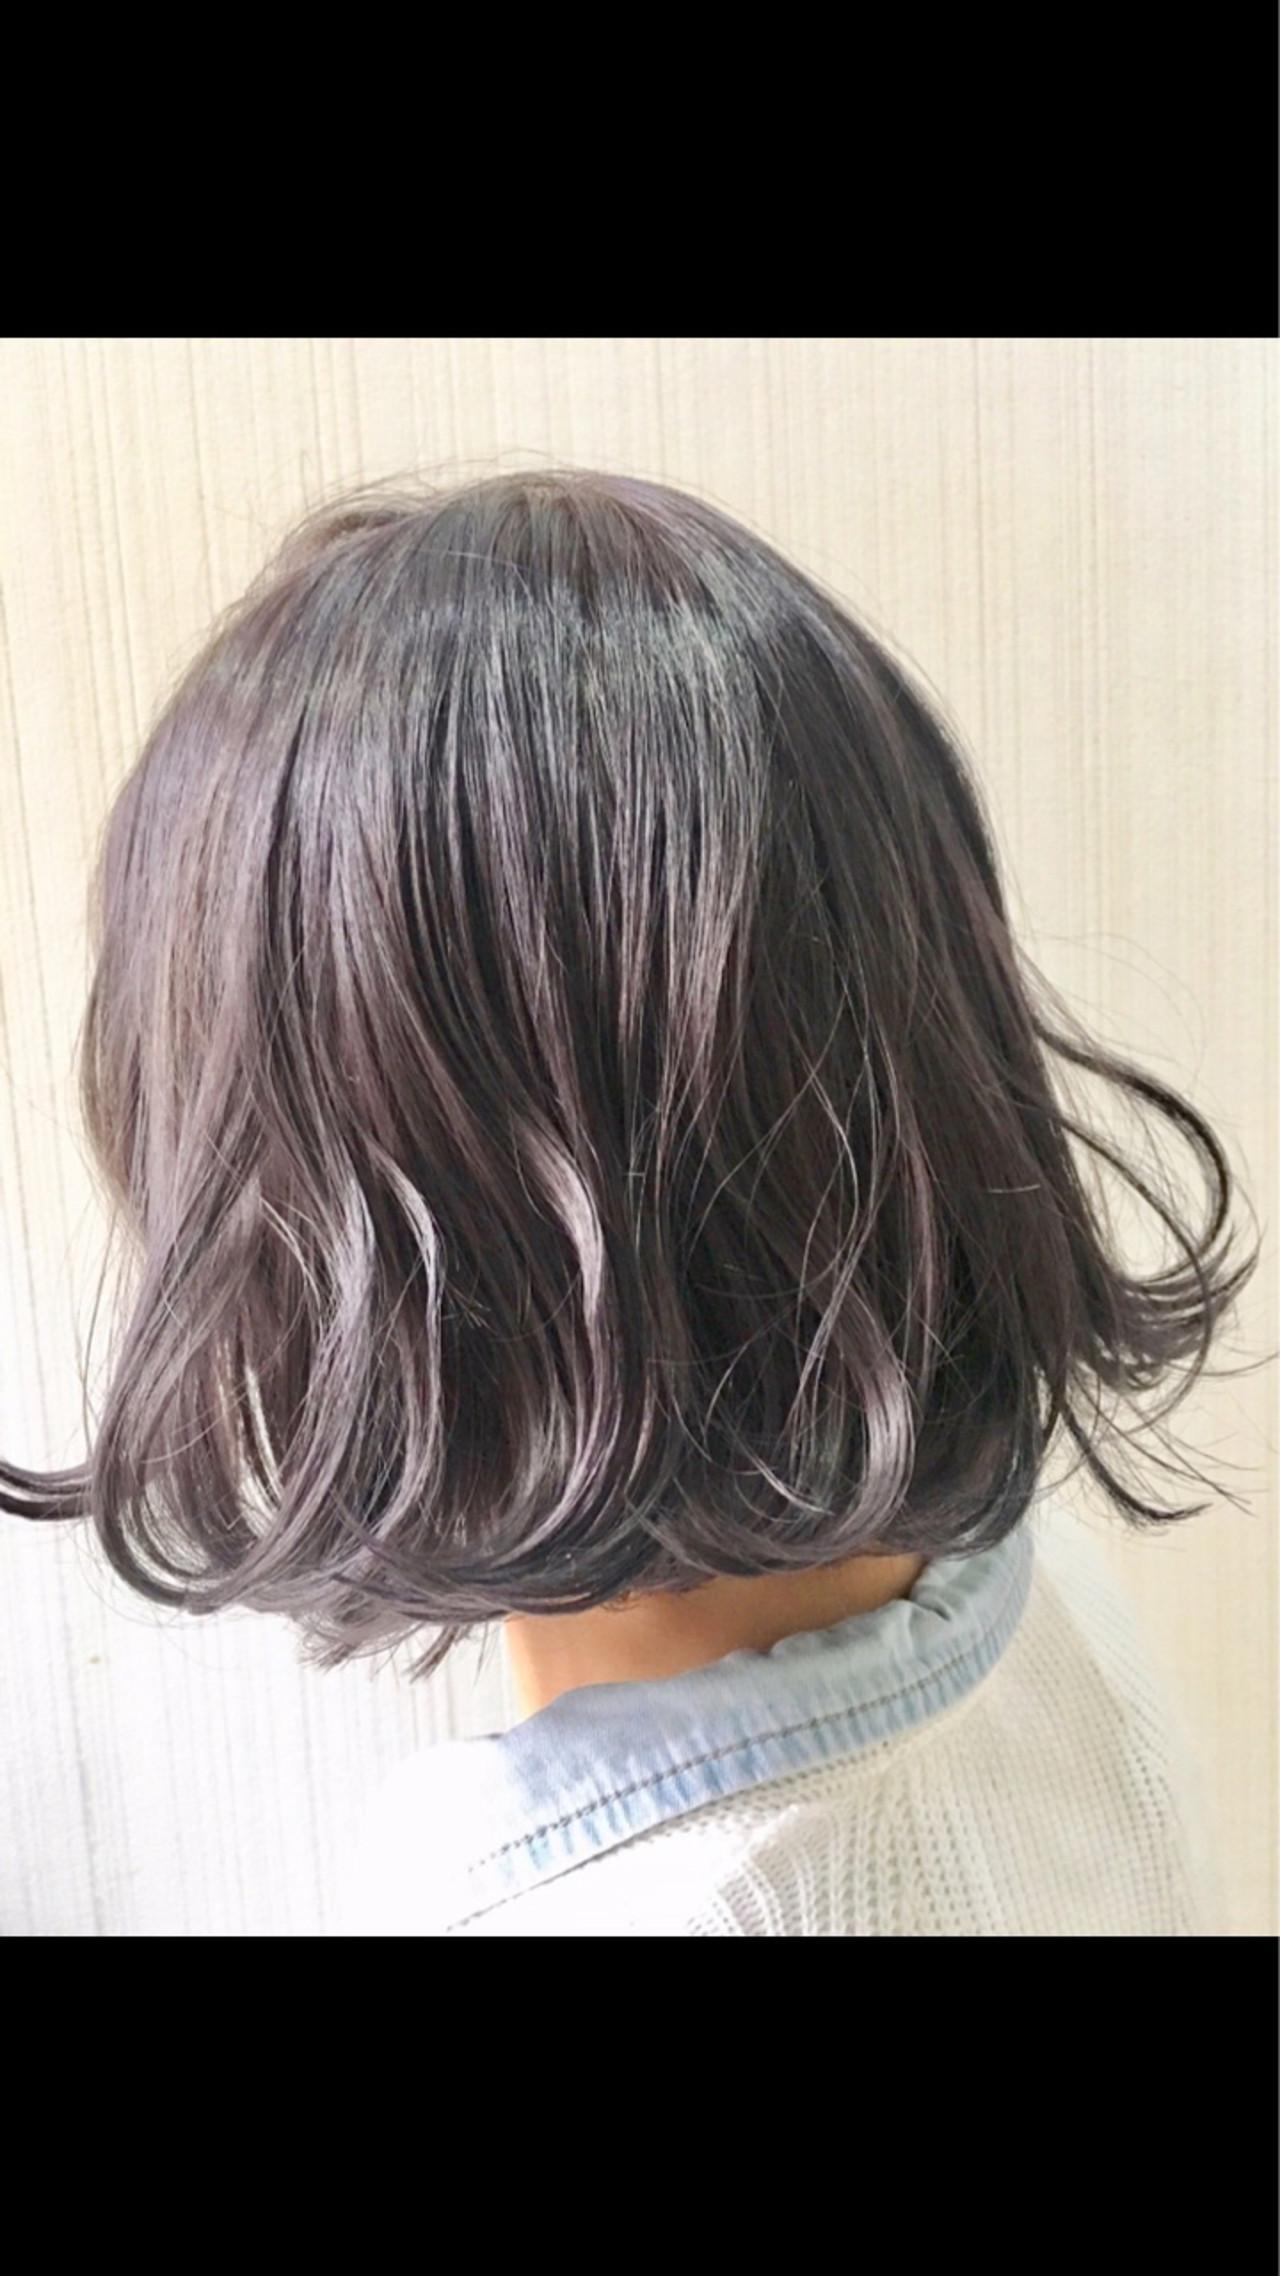 アウトドア フェミニン ボブ ヘアスタイルや髪型の写真・画像 | 土屋一貴 / TOMCAT